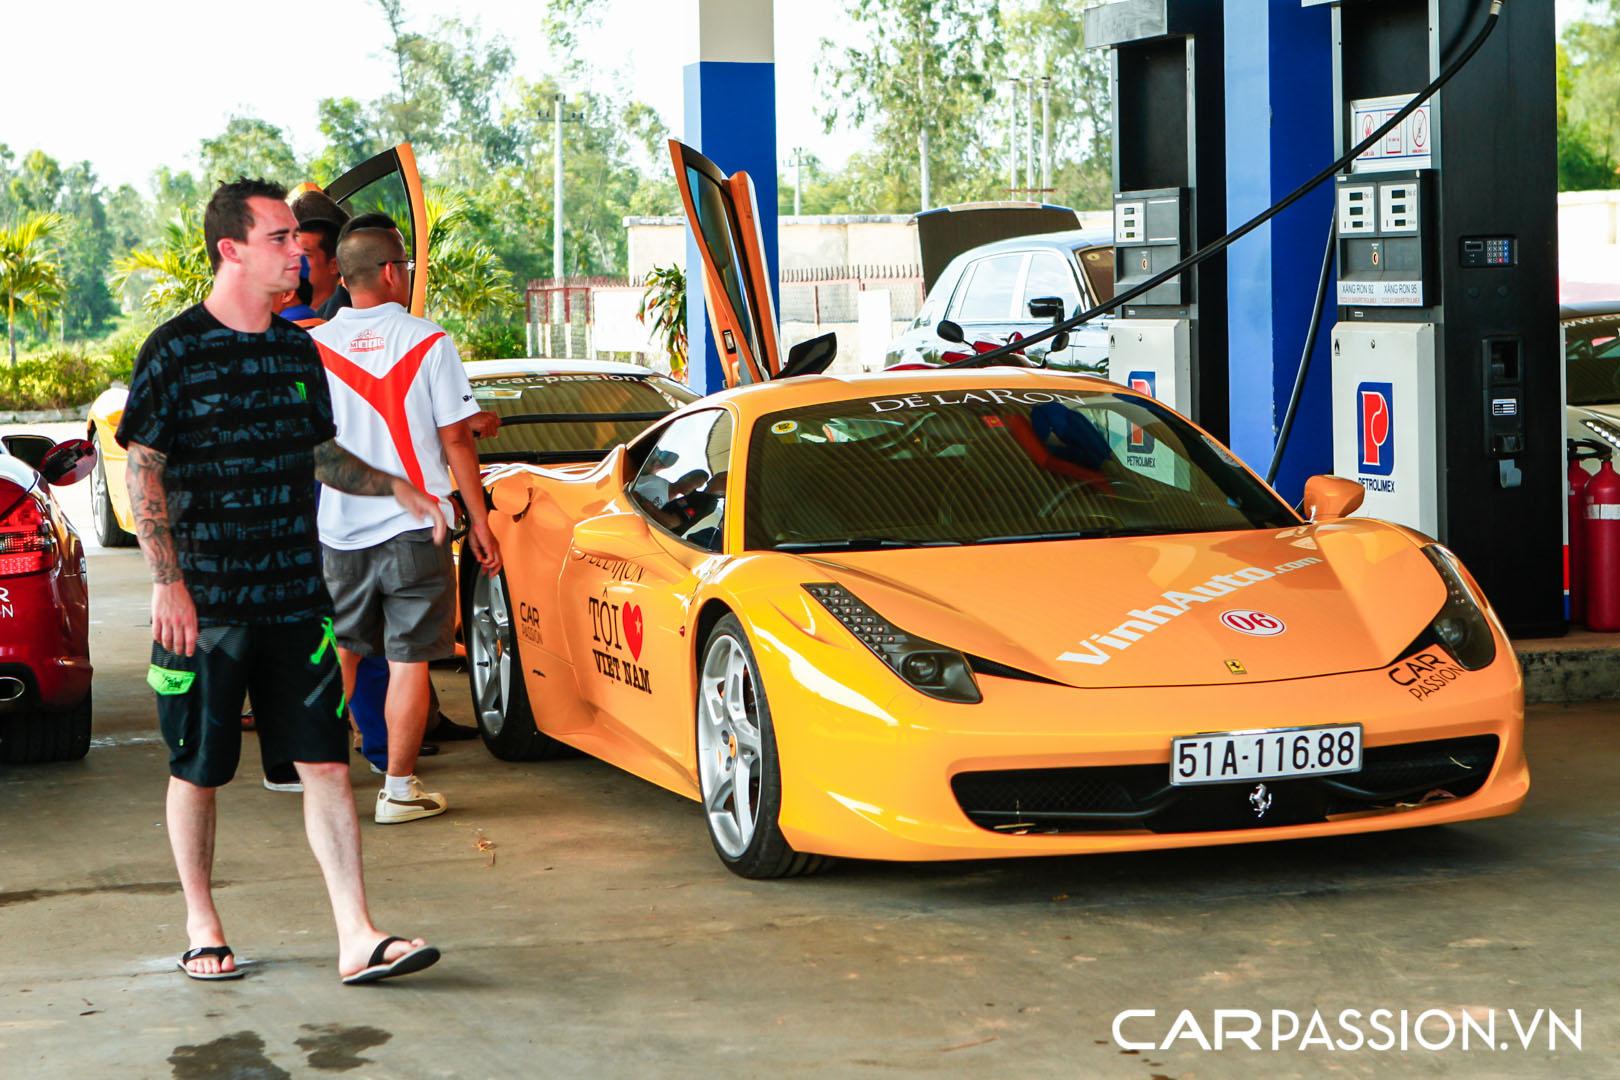 CP-Hành trình siêu xe CarPassion 2011 Day 4 (24).jpg